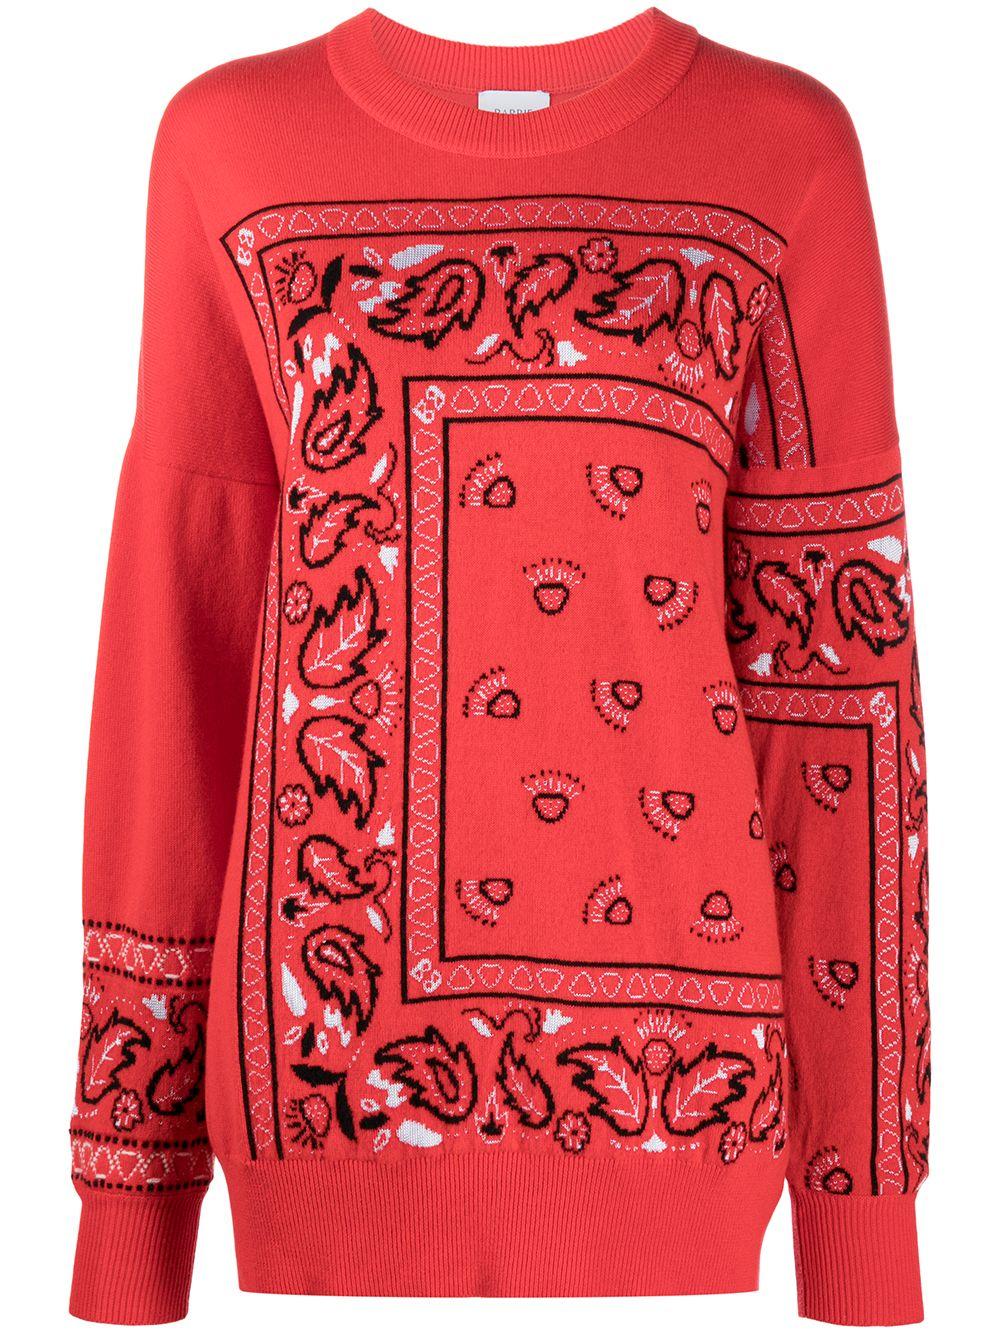 Barrie Pullover aus Kaschmir - Rot